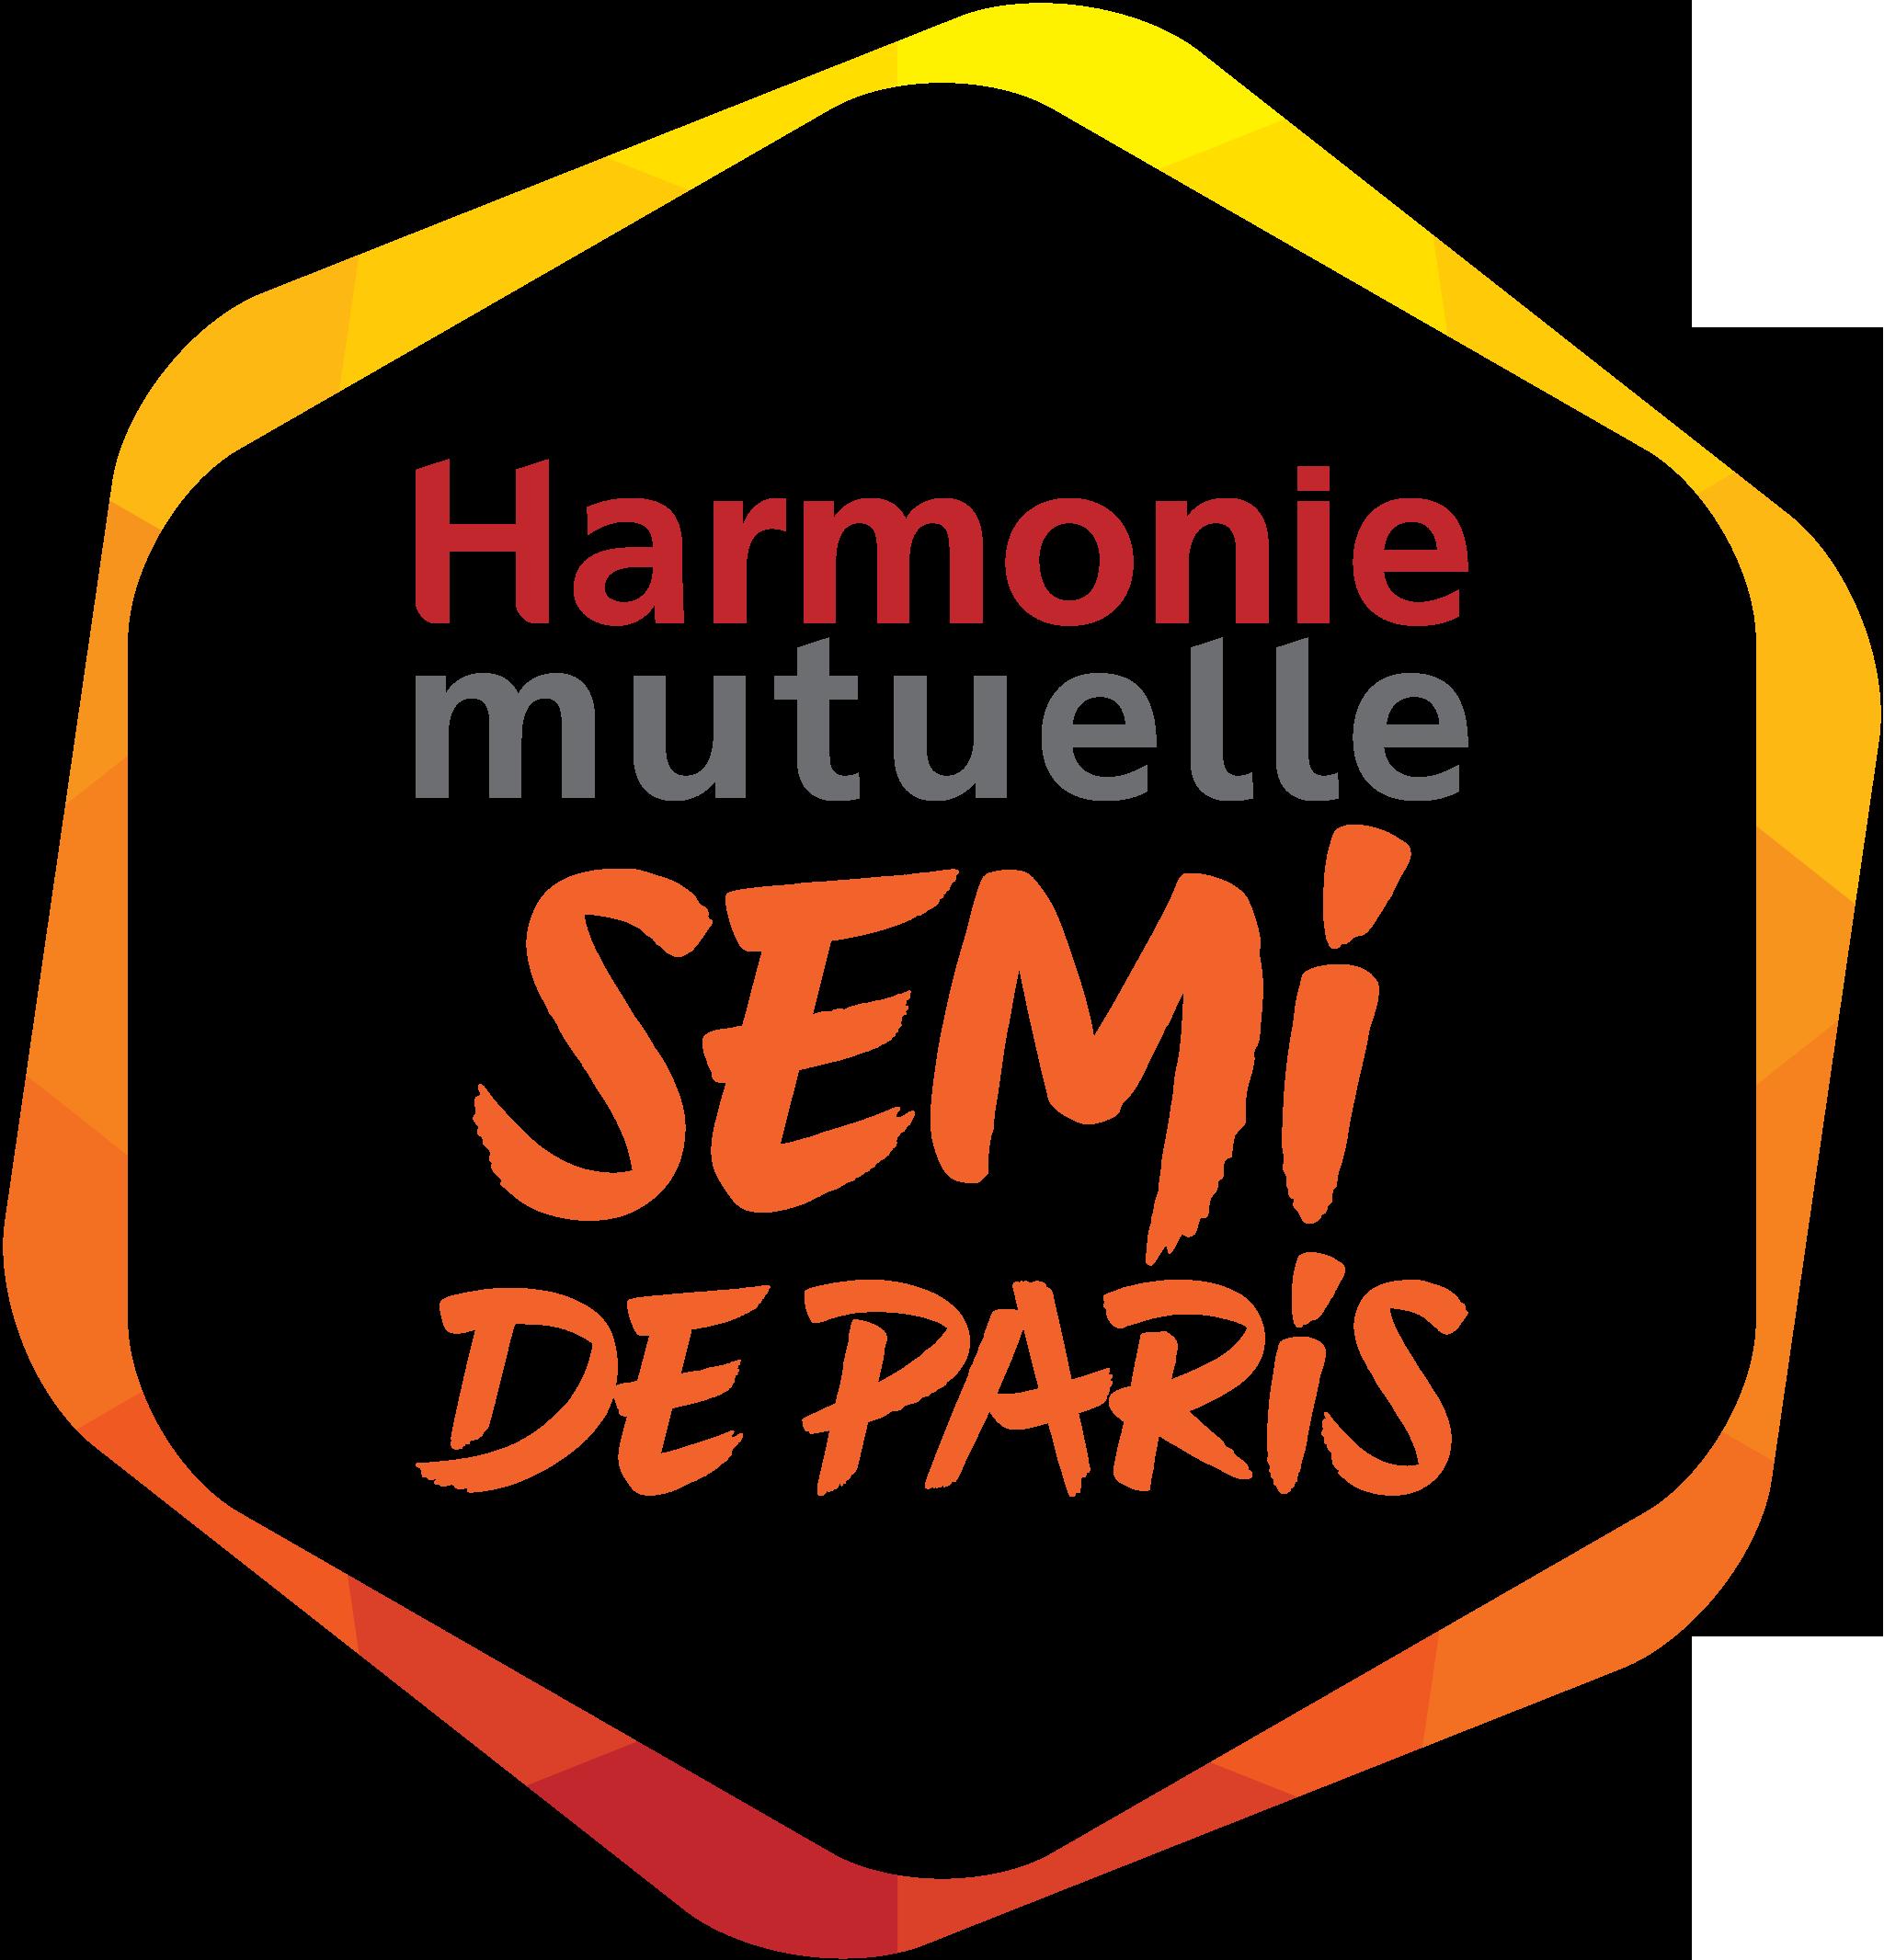 Préparation au Harmonie Mutuelle Semi de Paris 2020